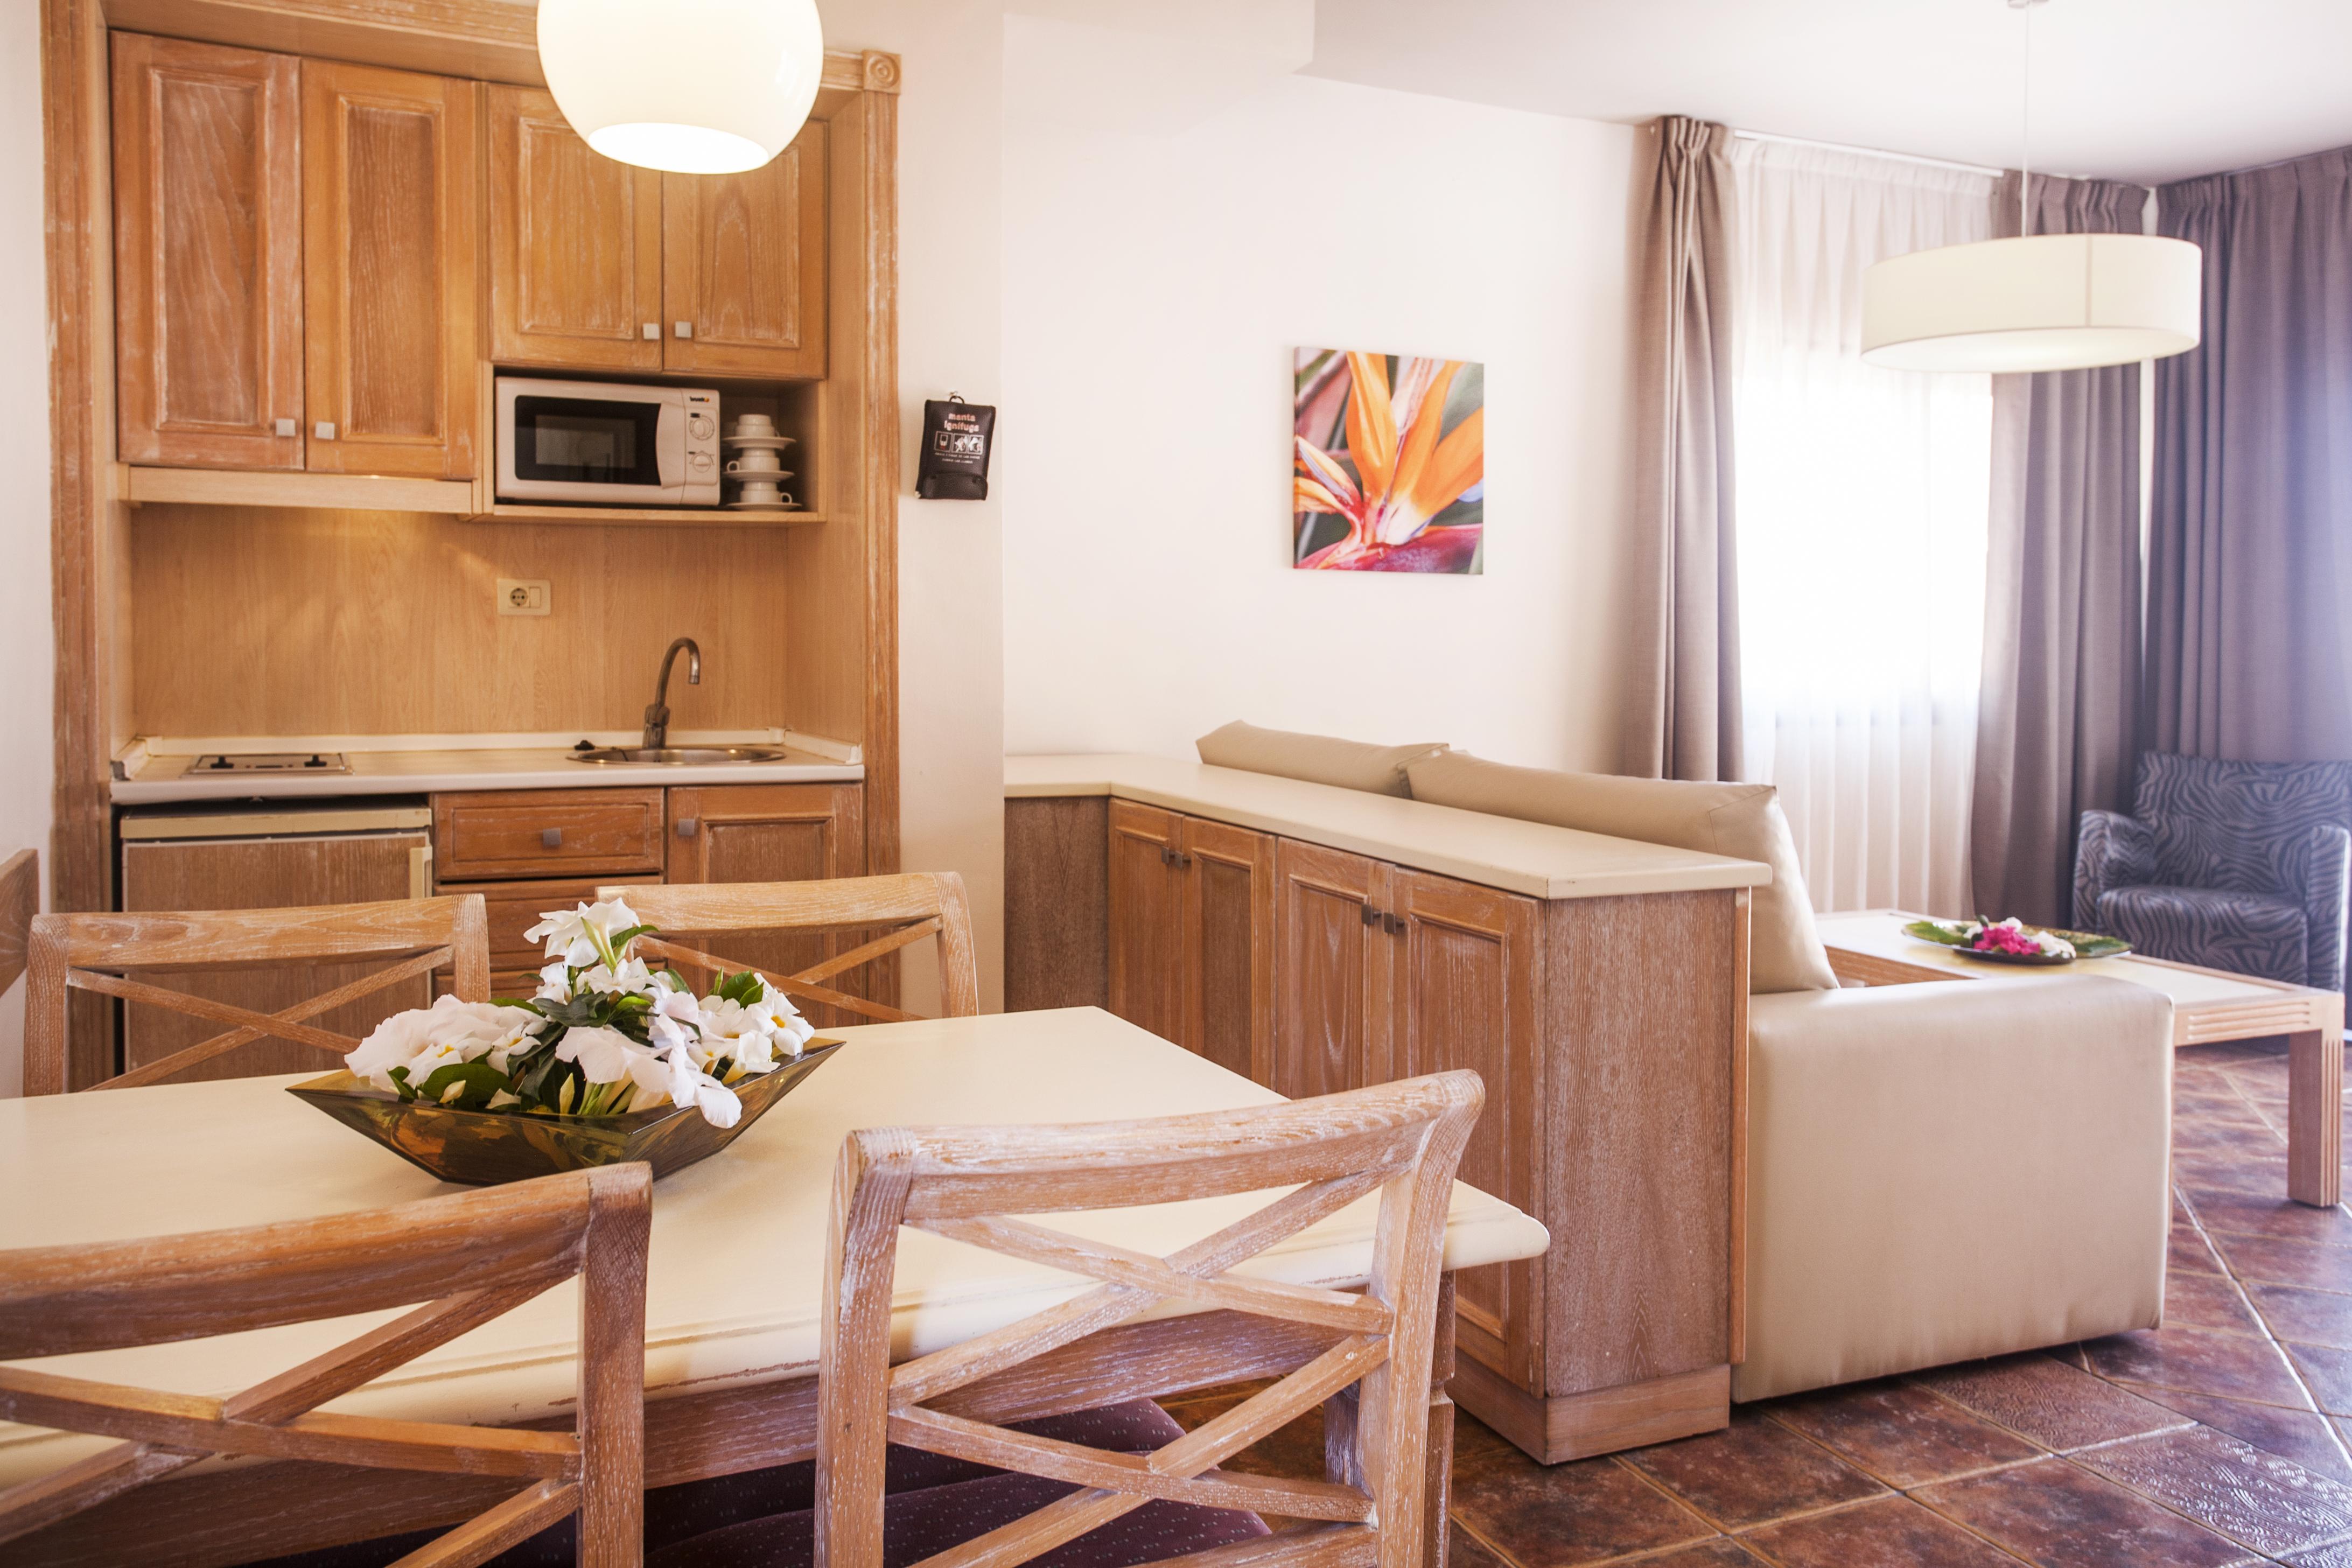 ventajas-alojarse-en-un-apartamento-villa-mandi